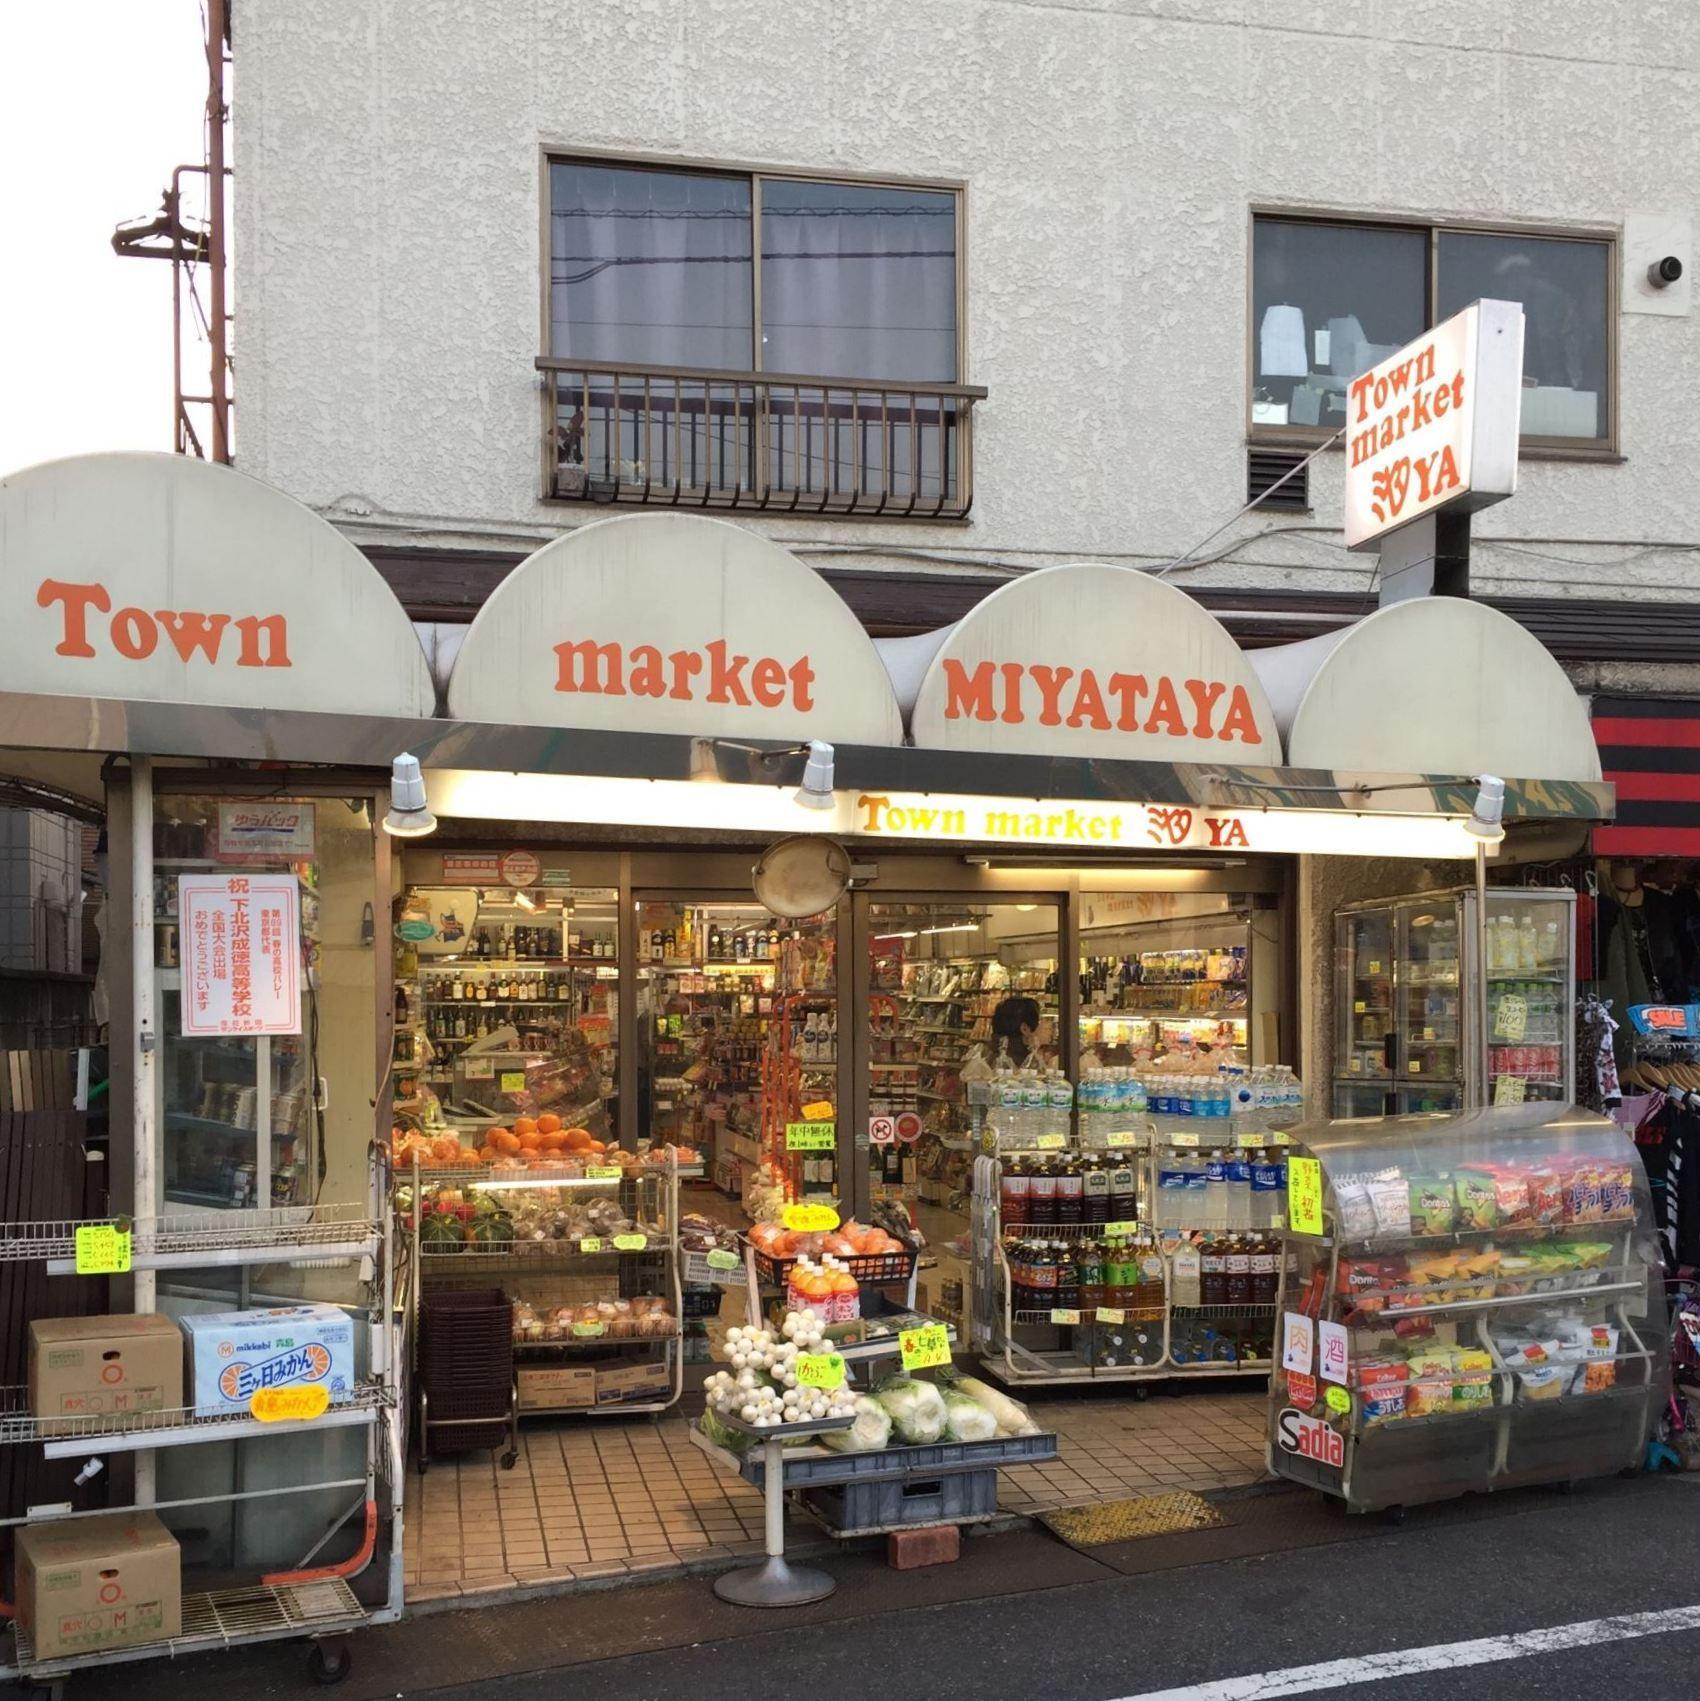 肉が美味しい 「タウンマーケット ミヤタヤ」 【下北沢】